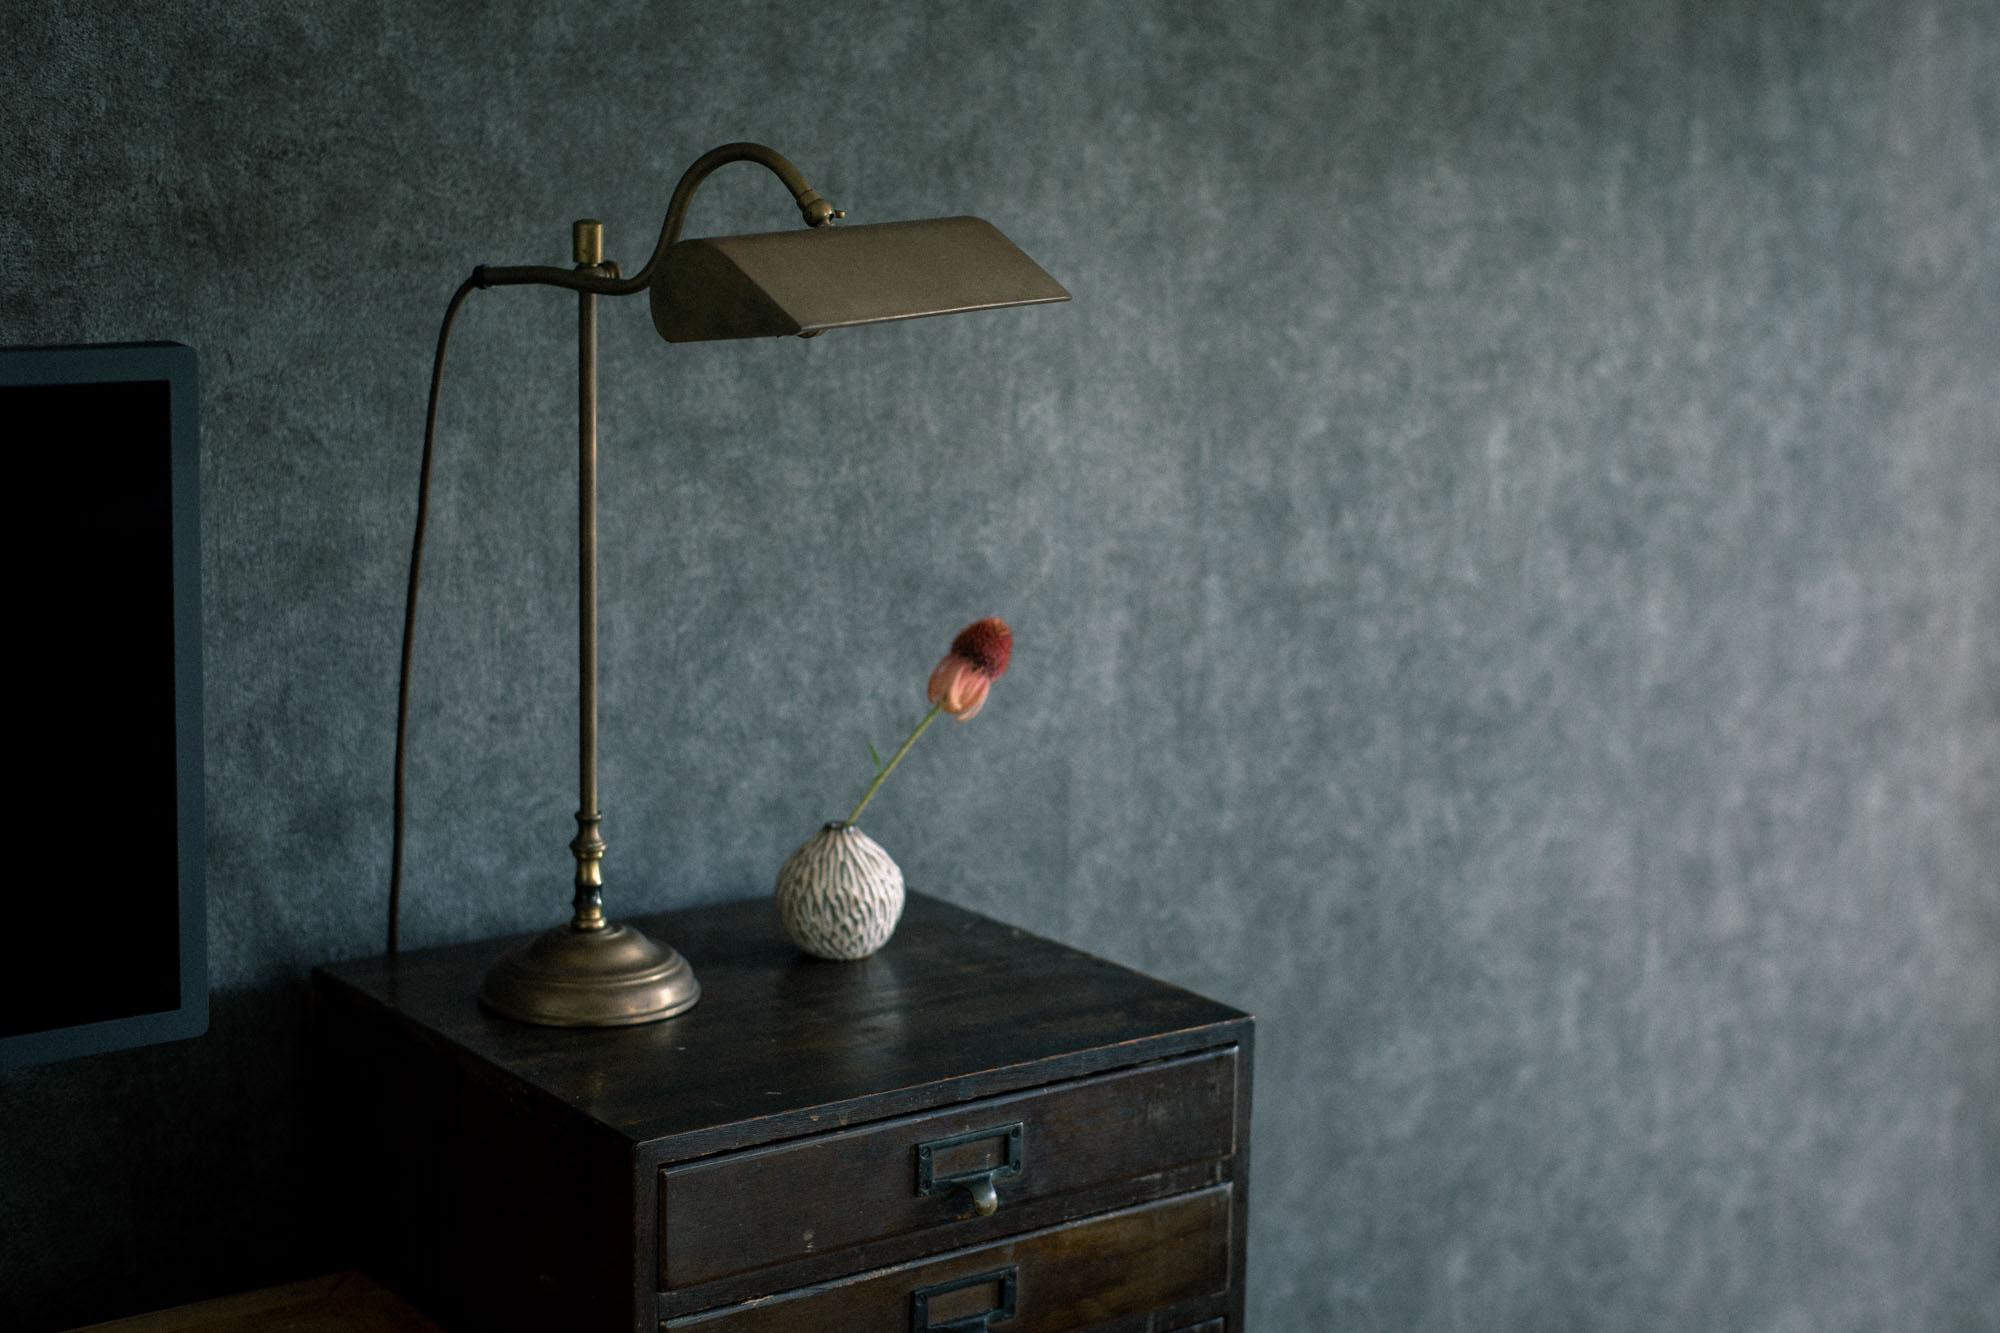 引き出しの上には、お気に入りの真鍮のライト。これもアンティークのもの。